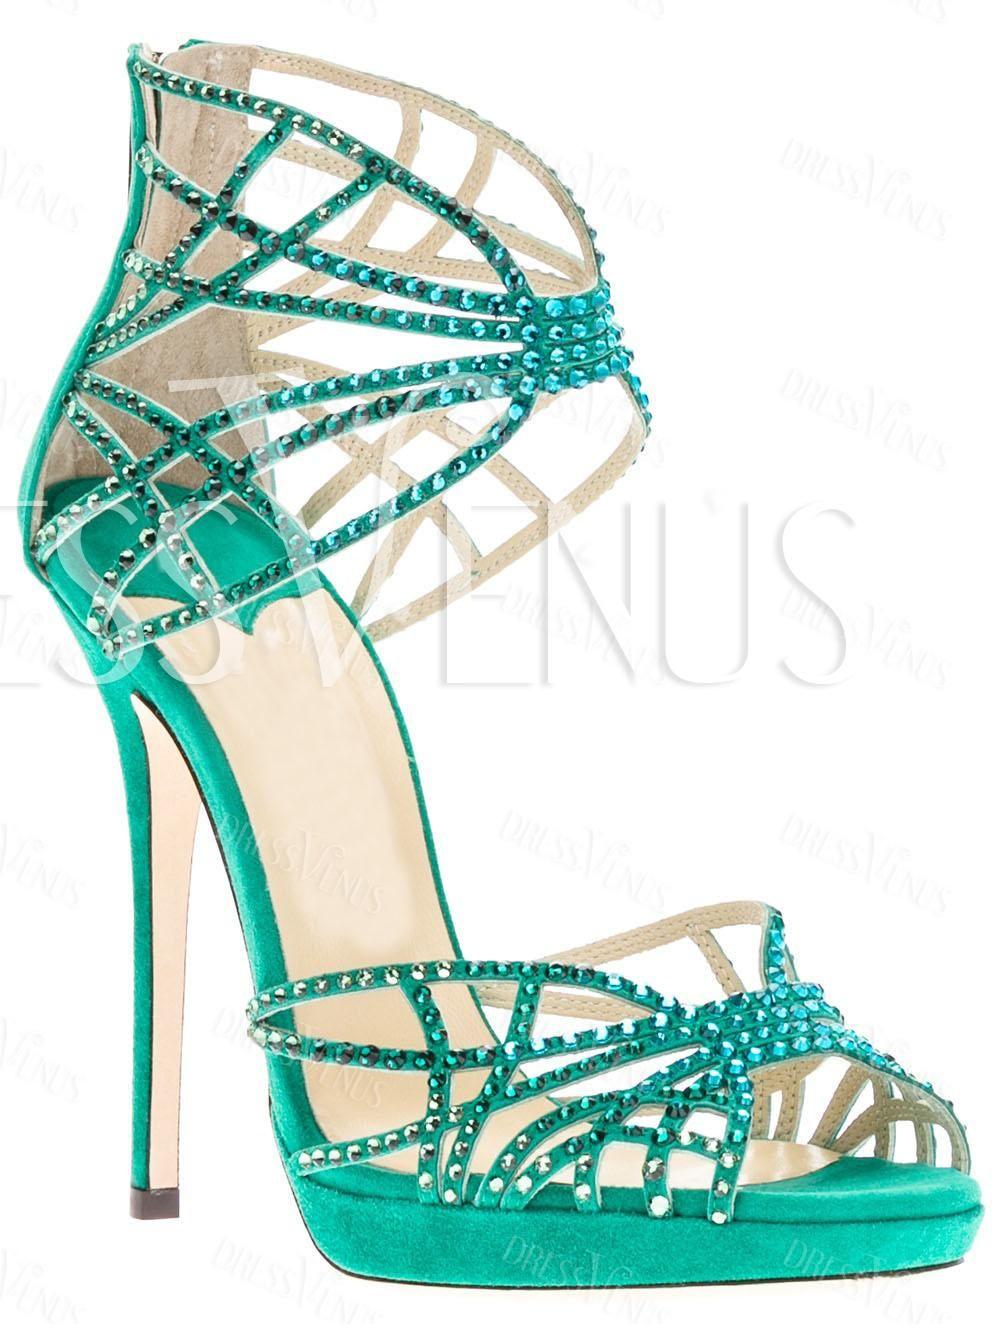 #Sandals #Sandals #High High Quality Satin Upper Women Summer Sandals